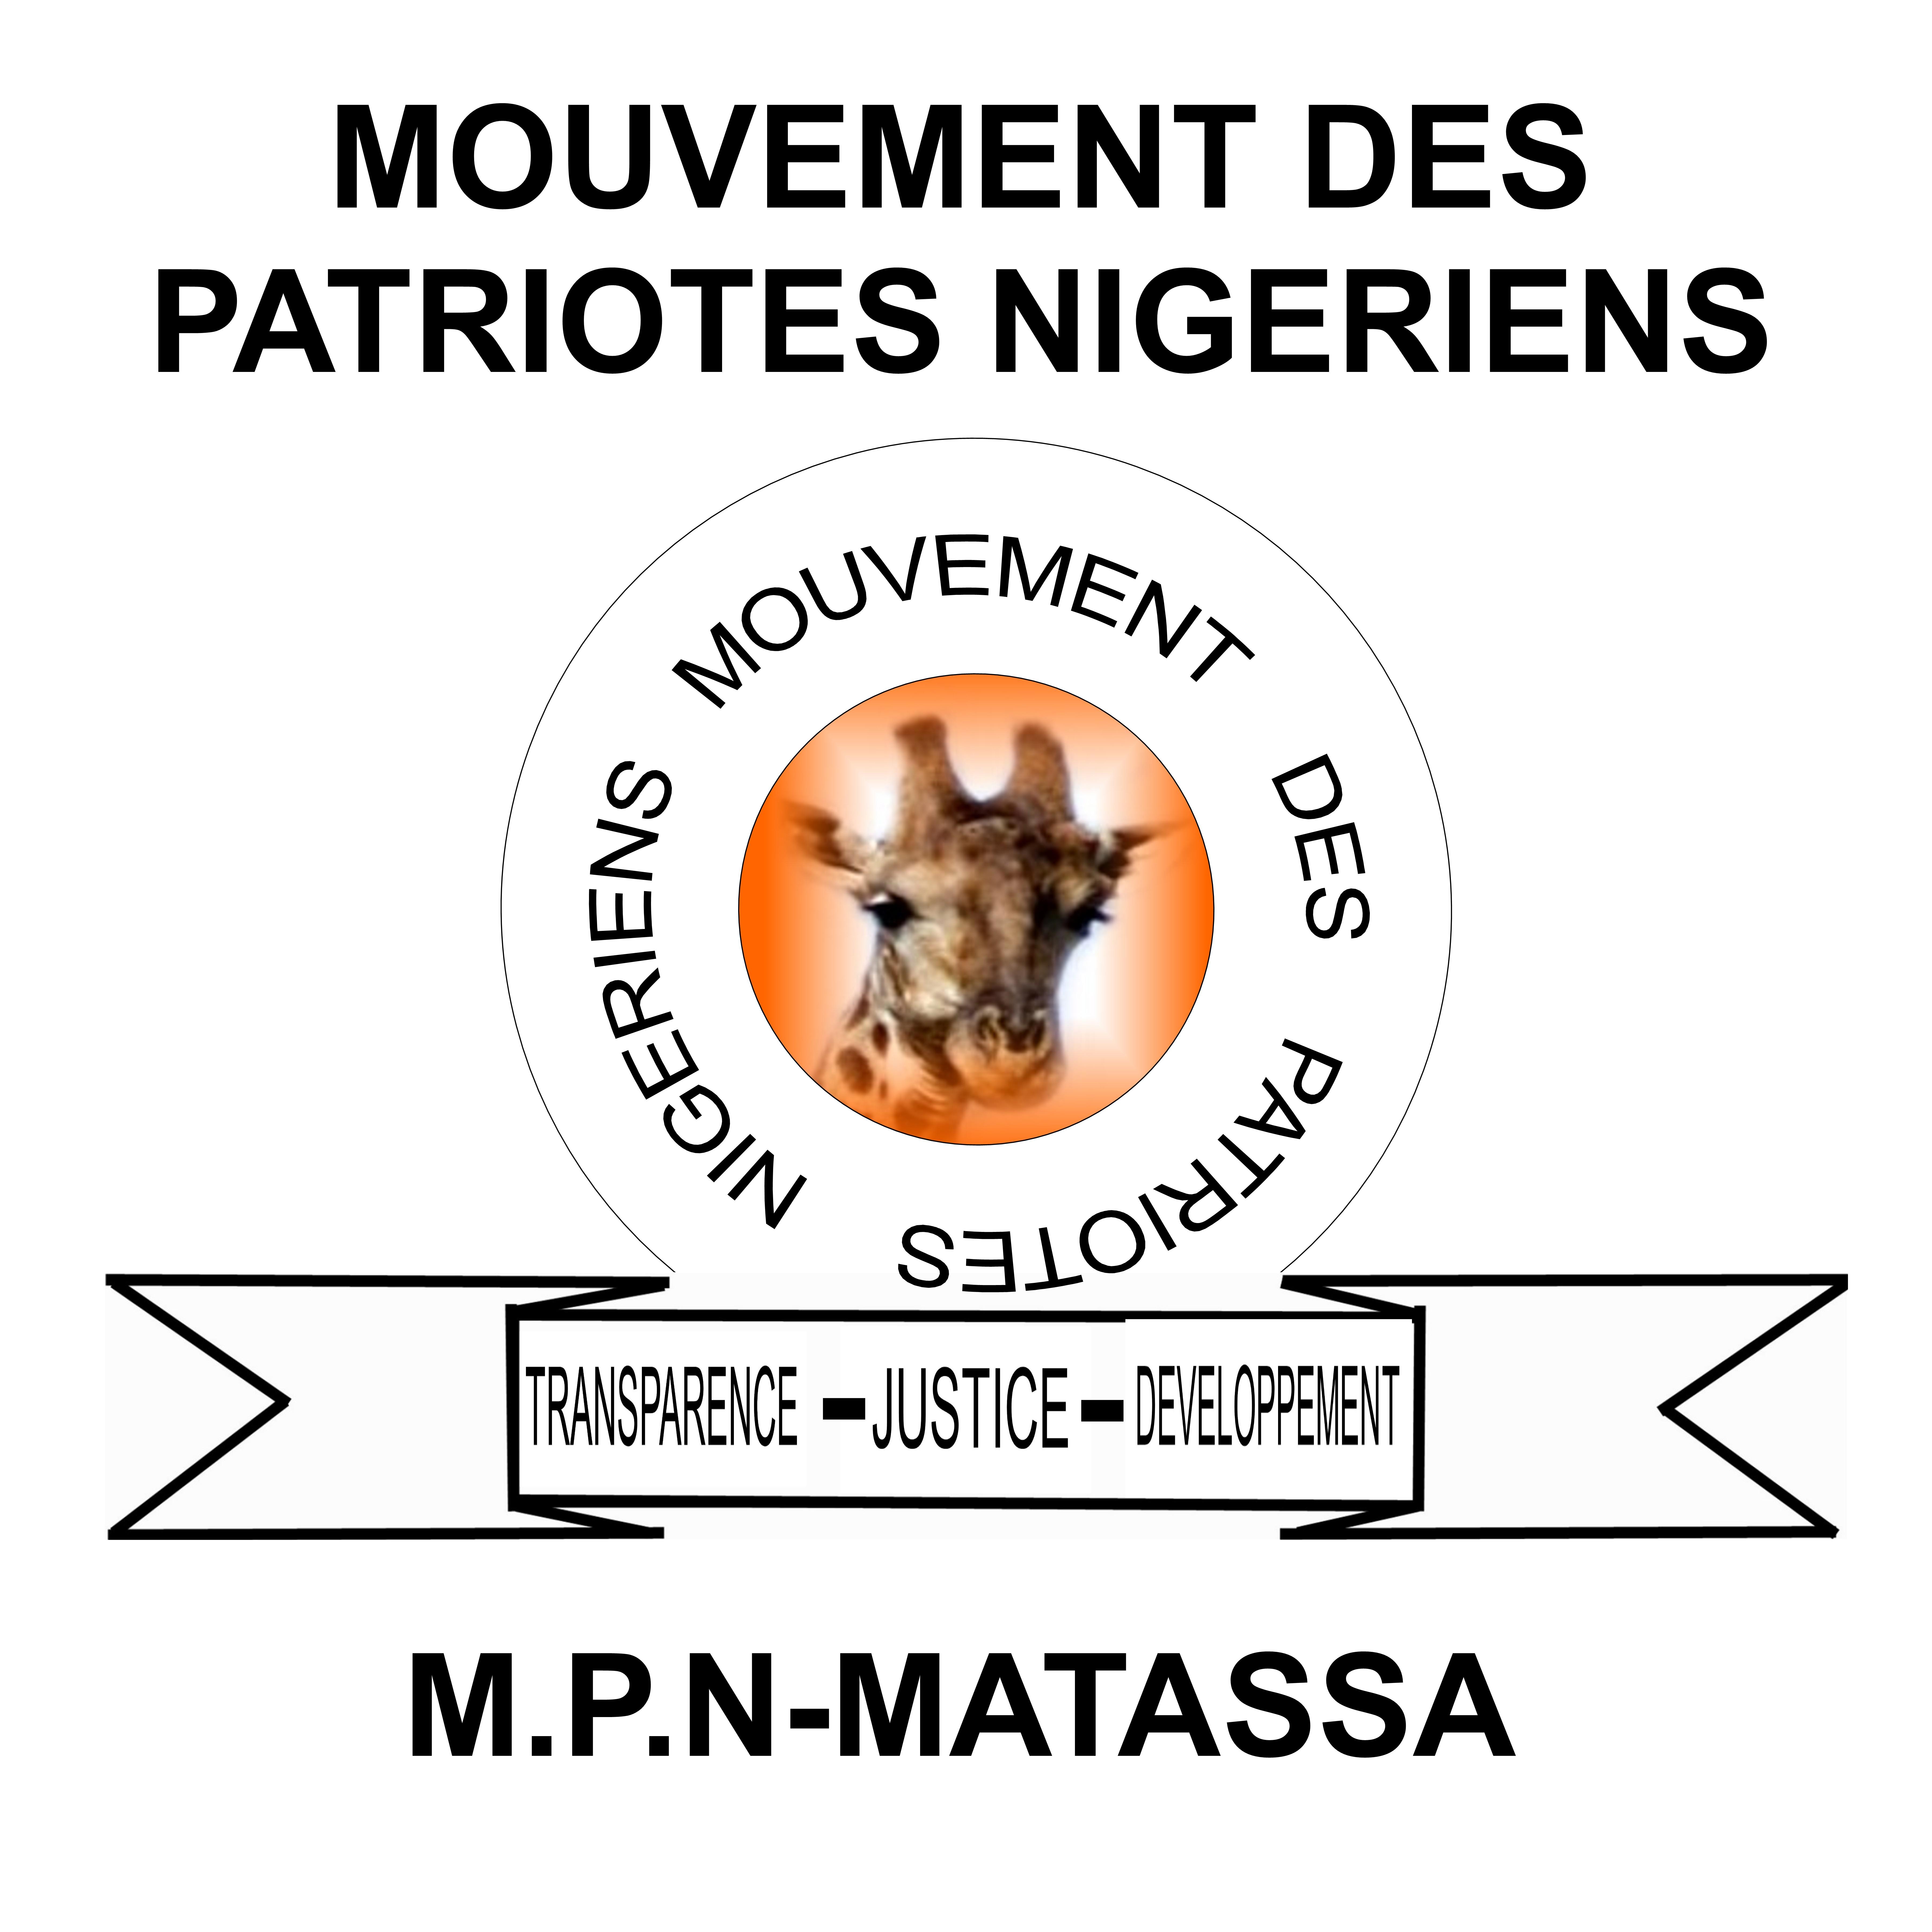 MPN-MATASSA